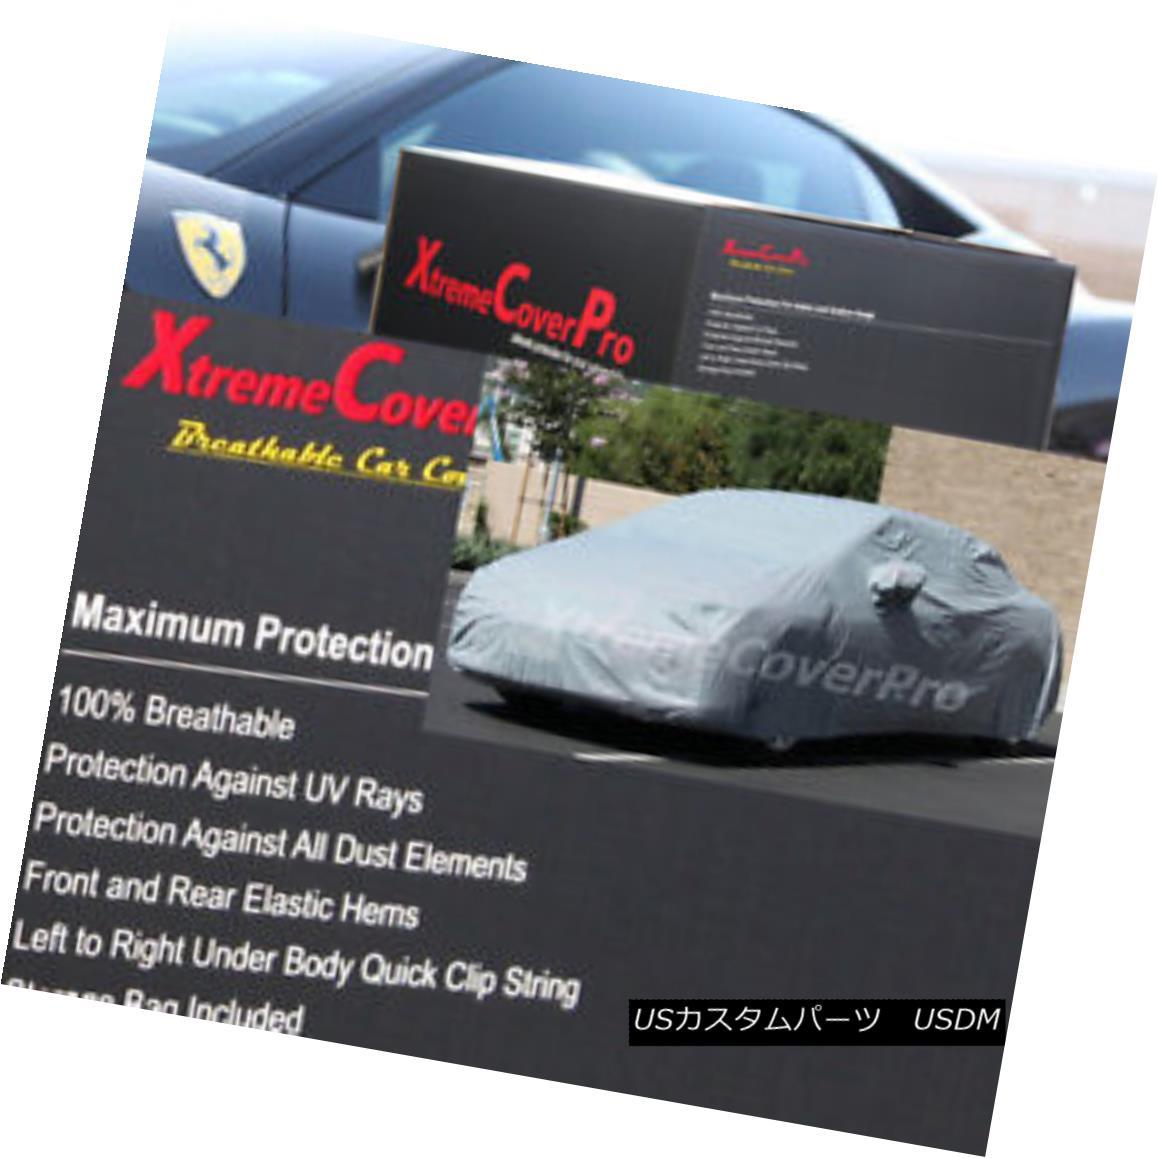 カーカバー 1995 1996 1997 1998 1999 2000 Dodge Avenger Breathable Car Cover w/MirrorPocket 1995年1996年1997年1998年1999年2000年ダッジ・アベンジャー通気性車カバー付きMirrorPocket